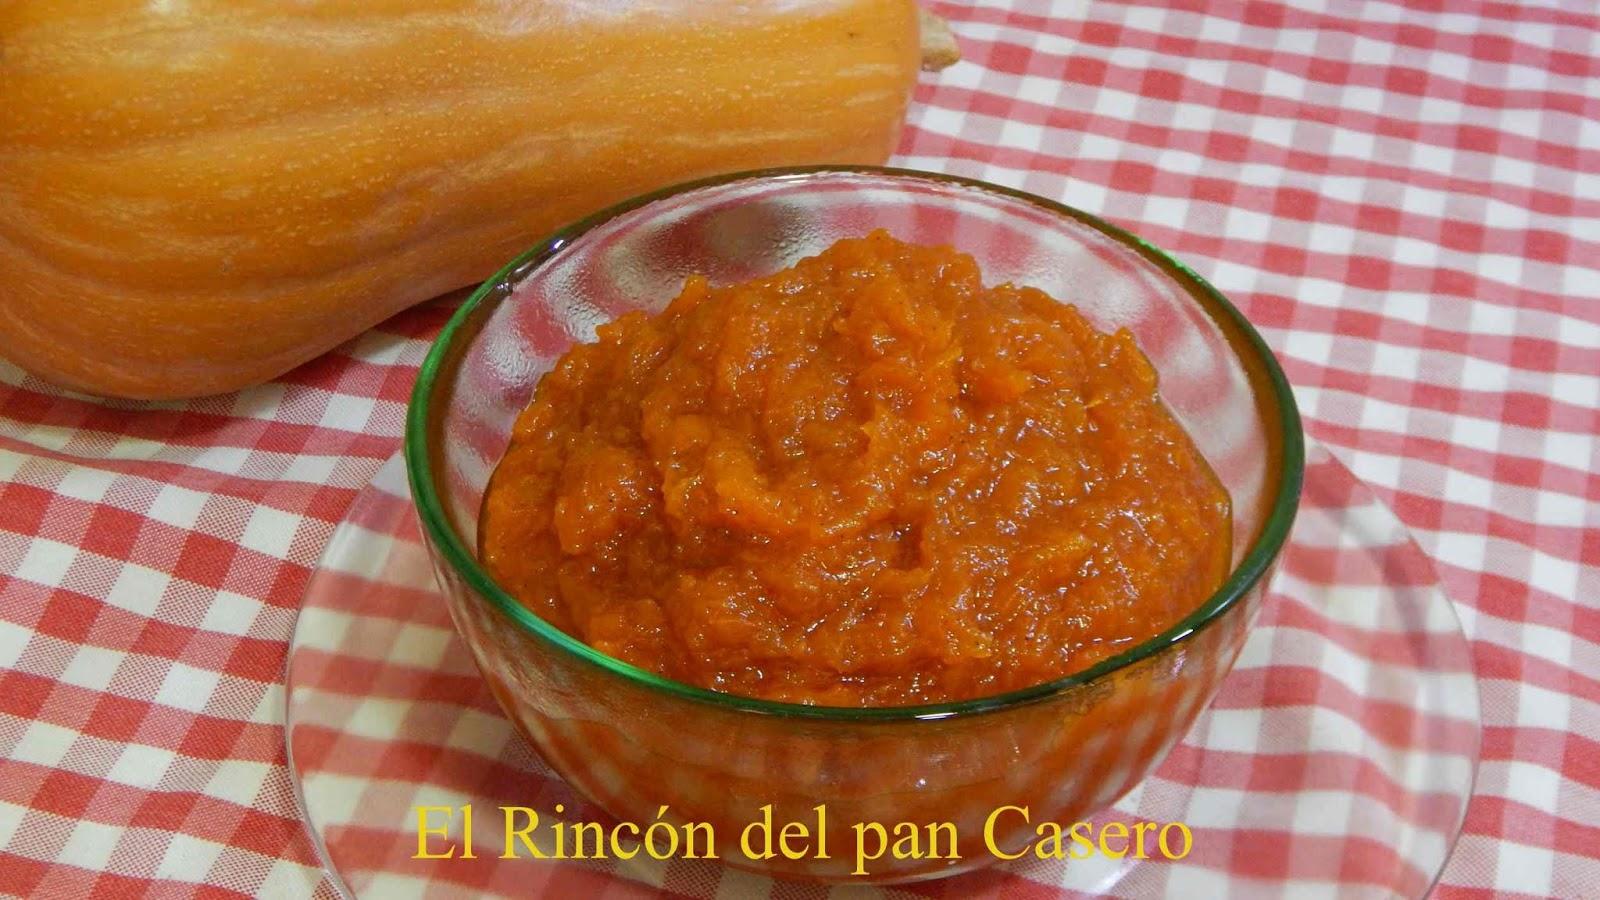 Receta Fácil De Dulce De Calabaza Para Relleno De Pasteles, Tartas Y Empanadas